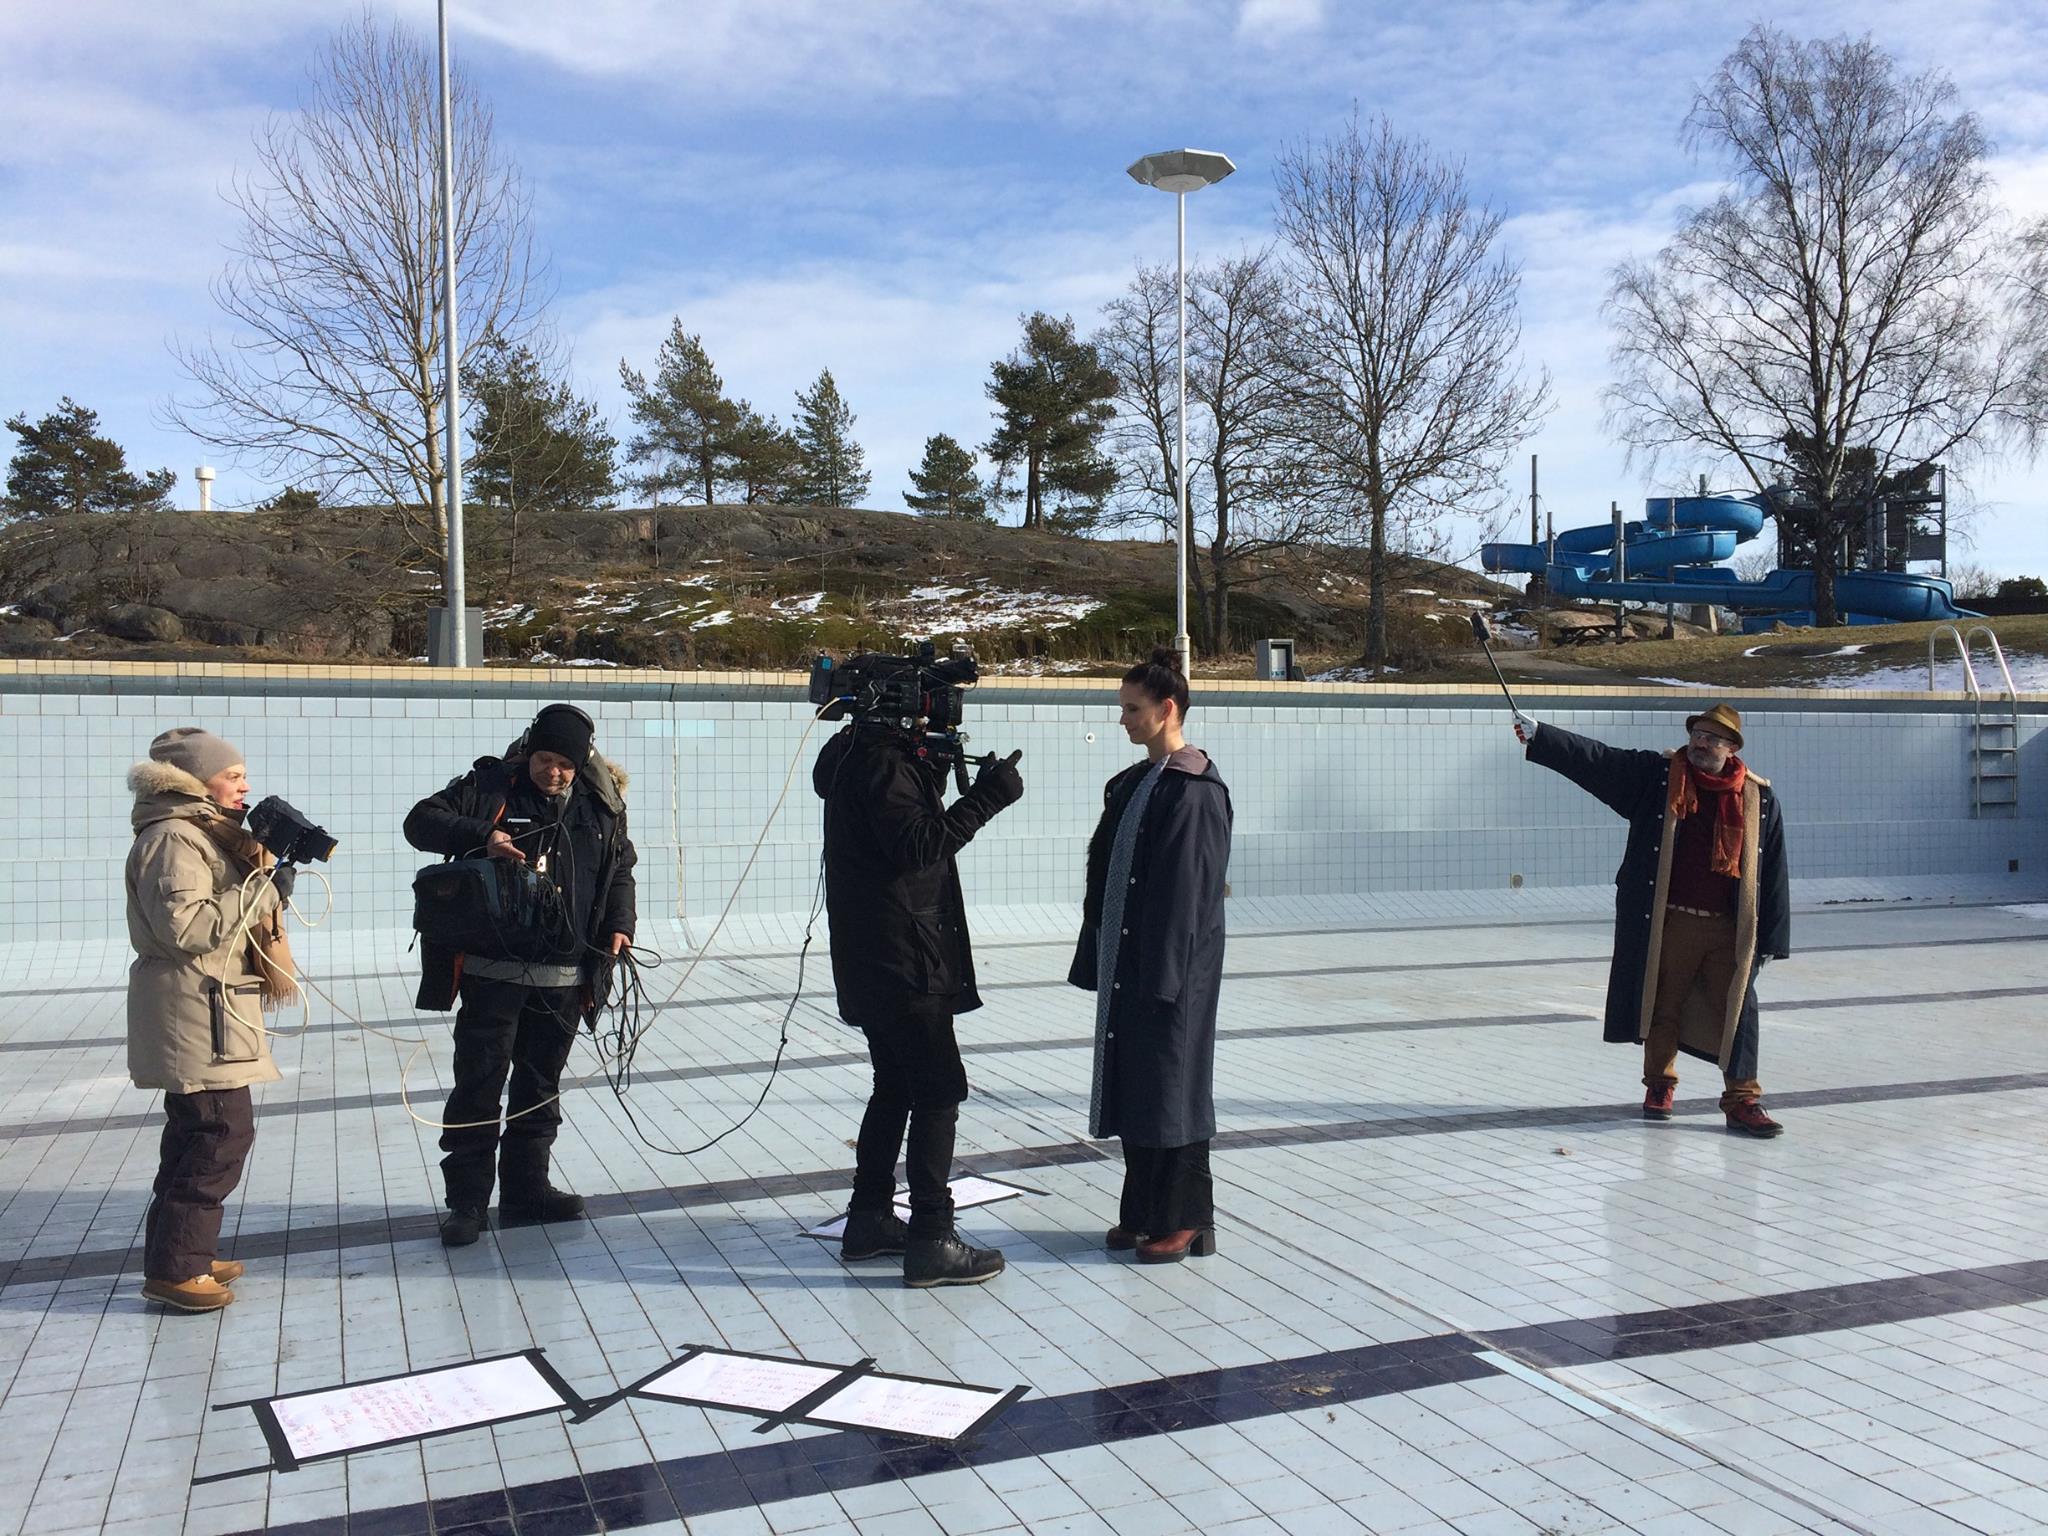 Kuvaaja: Tiina Hietanen. Kulttuurin välikysymys -taidevideoitten kuvaukset helmikuussa 2016. Taidevideokuvassa Seppälä ohjaa videota kirjailija Hassan Blasimin (taustalla) runon tulkinnasta. Runon tulkitsee Maija Vilkkumaa.